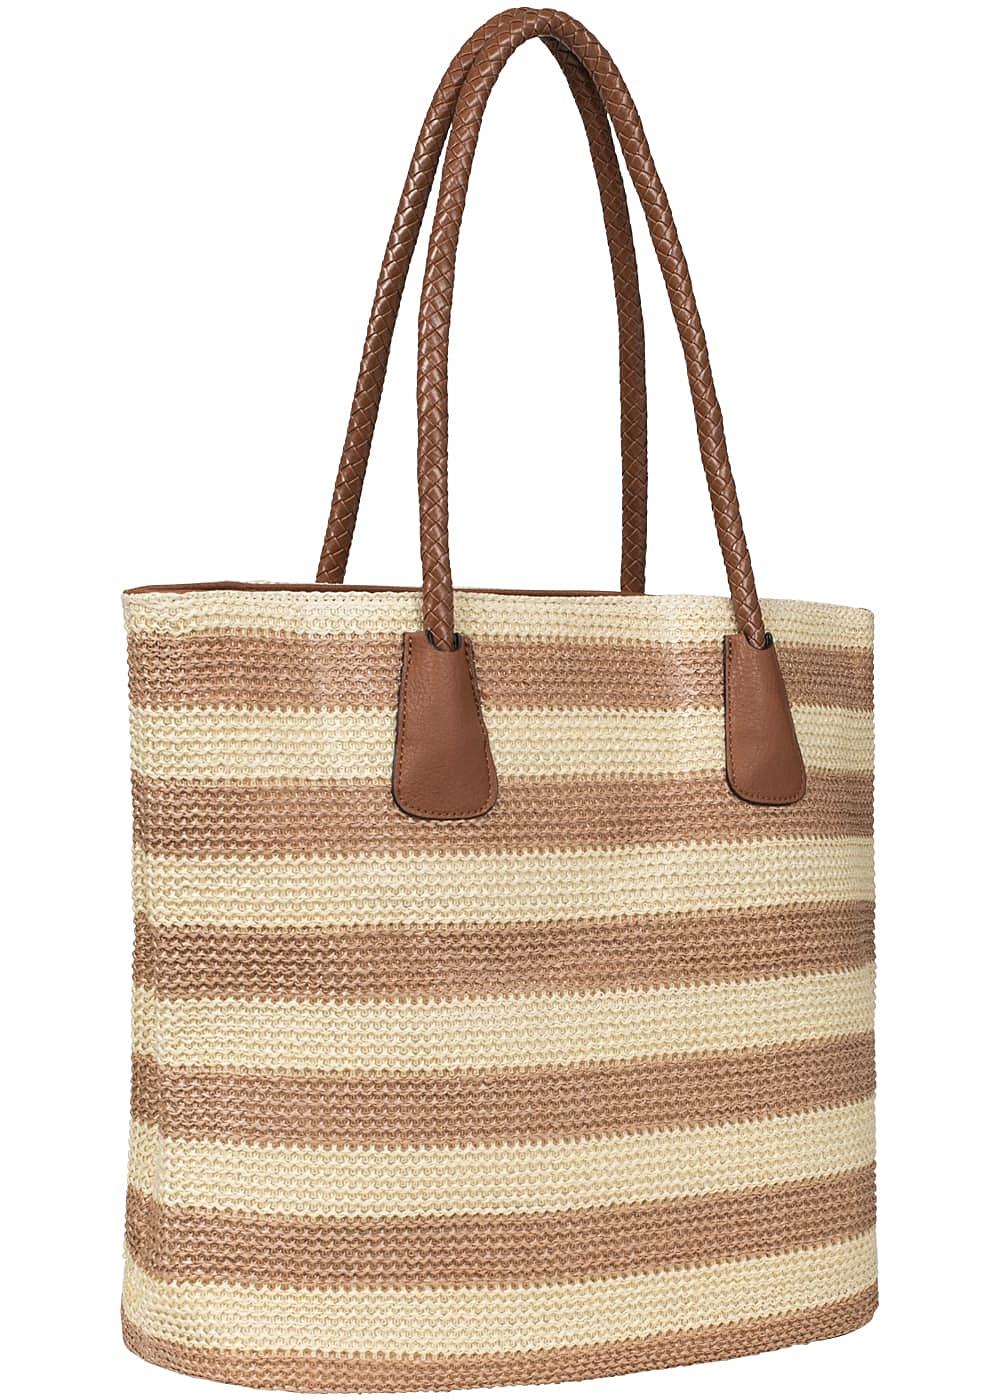 65df91f6d899c4 Styleboom Fashion Damen Handtasche braun beige - 77onlineshop